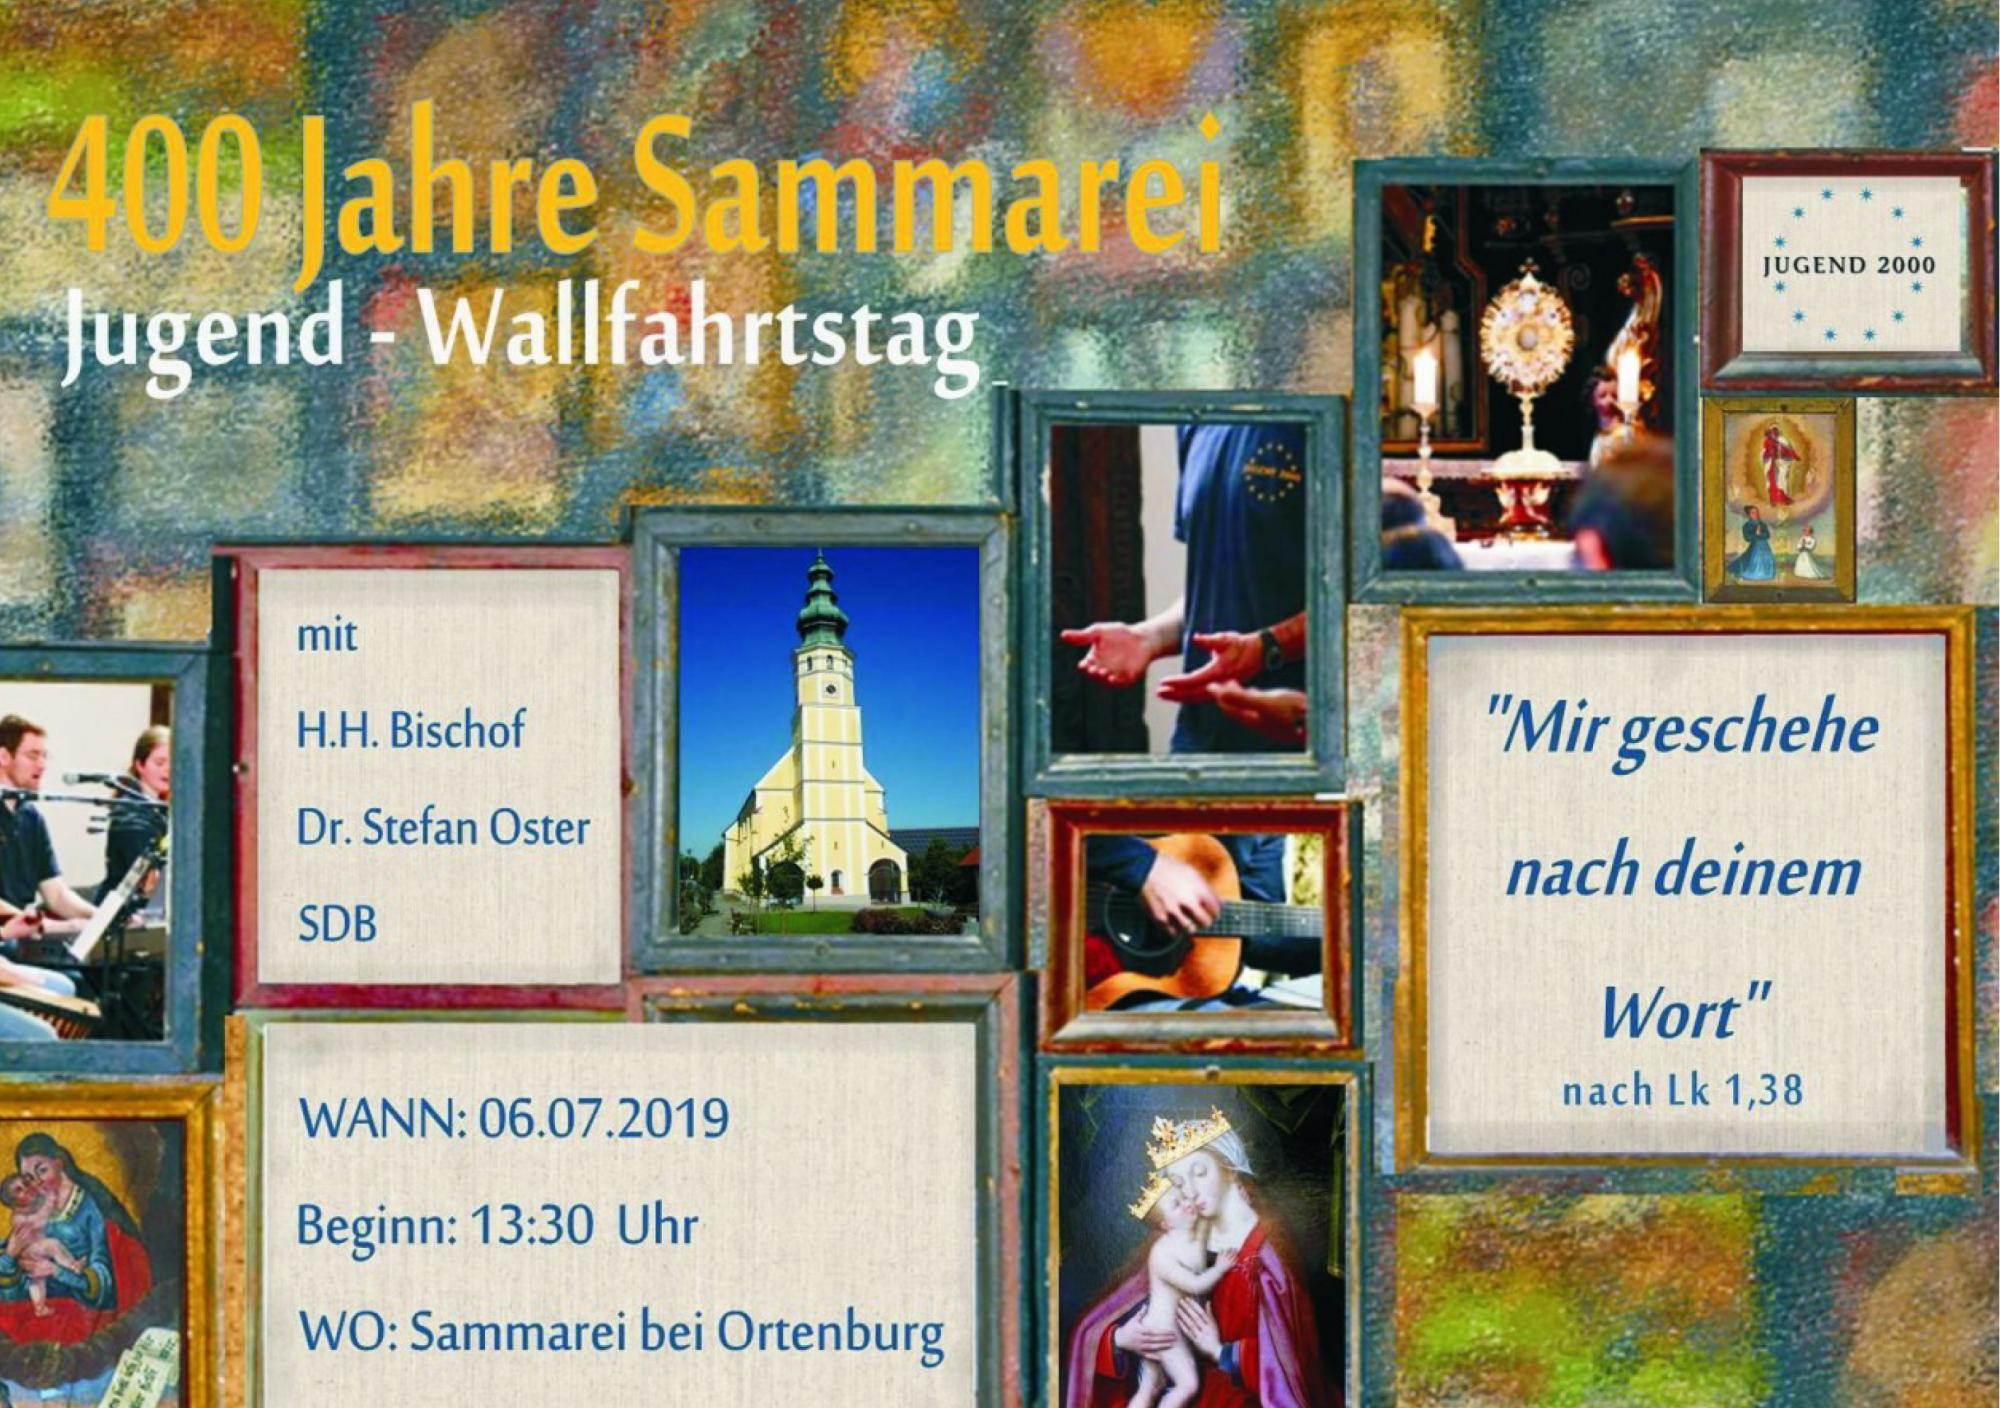 400-Jahre-Sammarei-Jugend-Wallfahrtstag-1